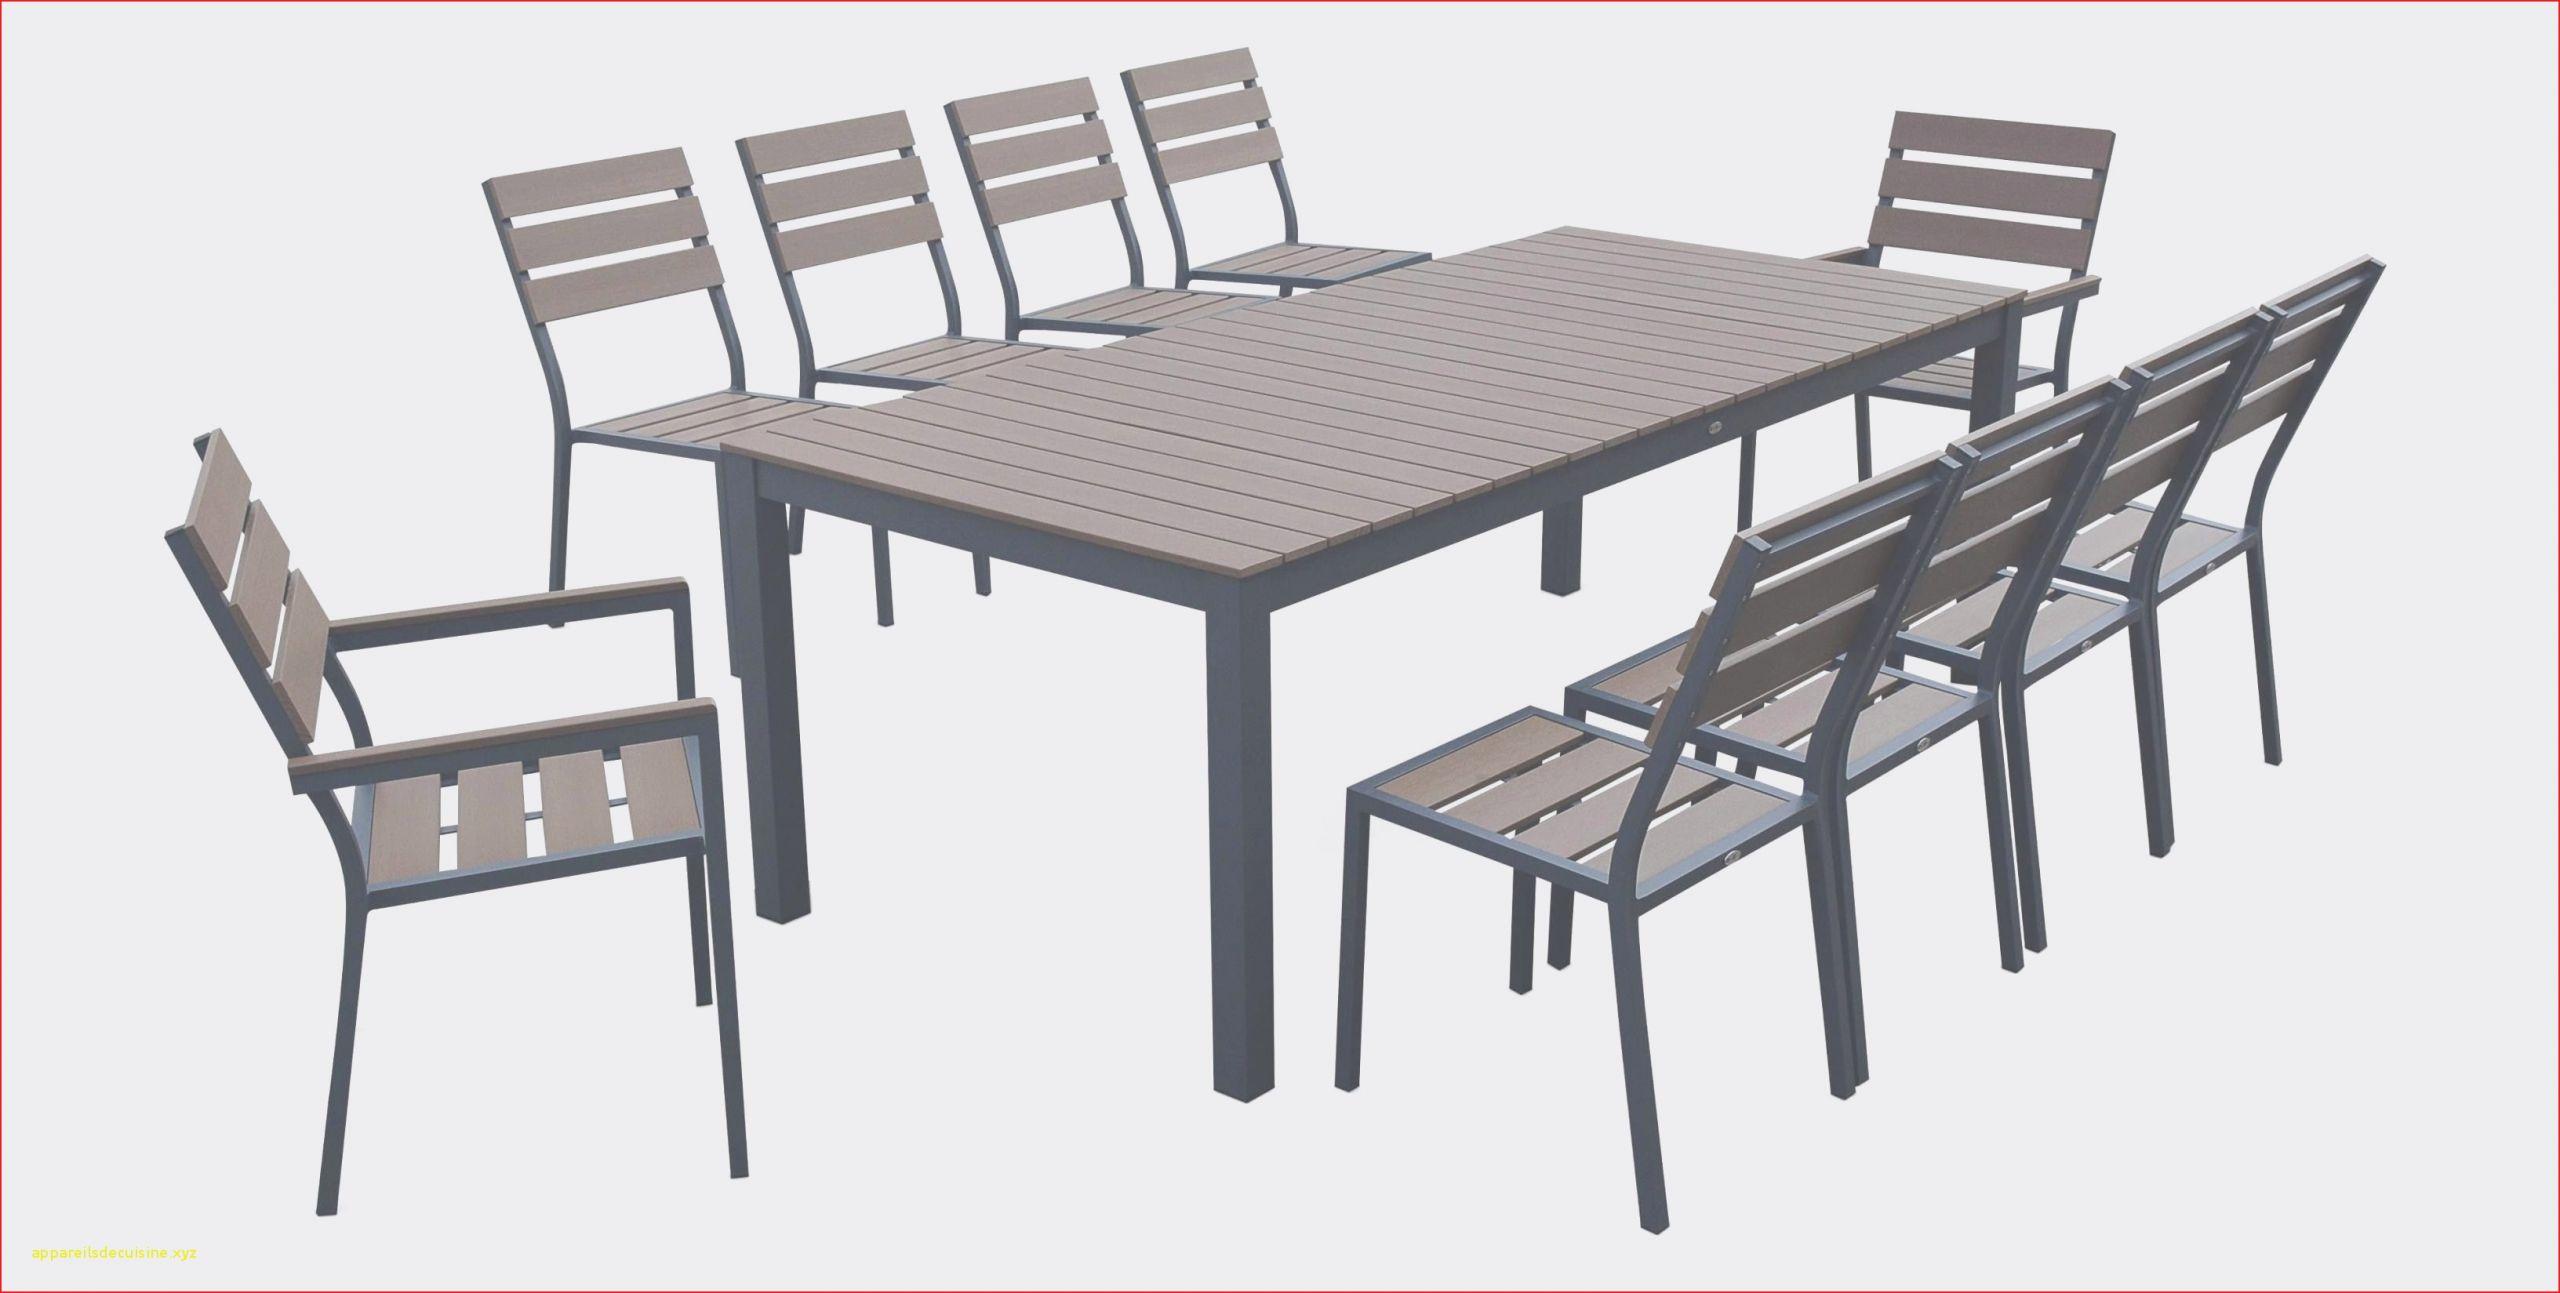 22 Luxe Table Exterieur | Salon Jardin intérieur Table De Jardin Carrée 8 Personnes